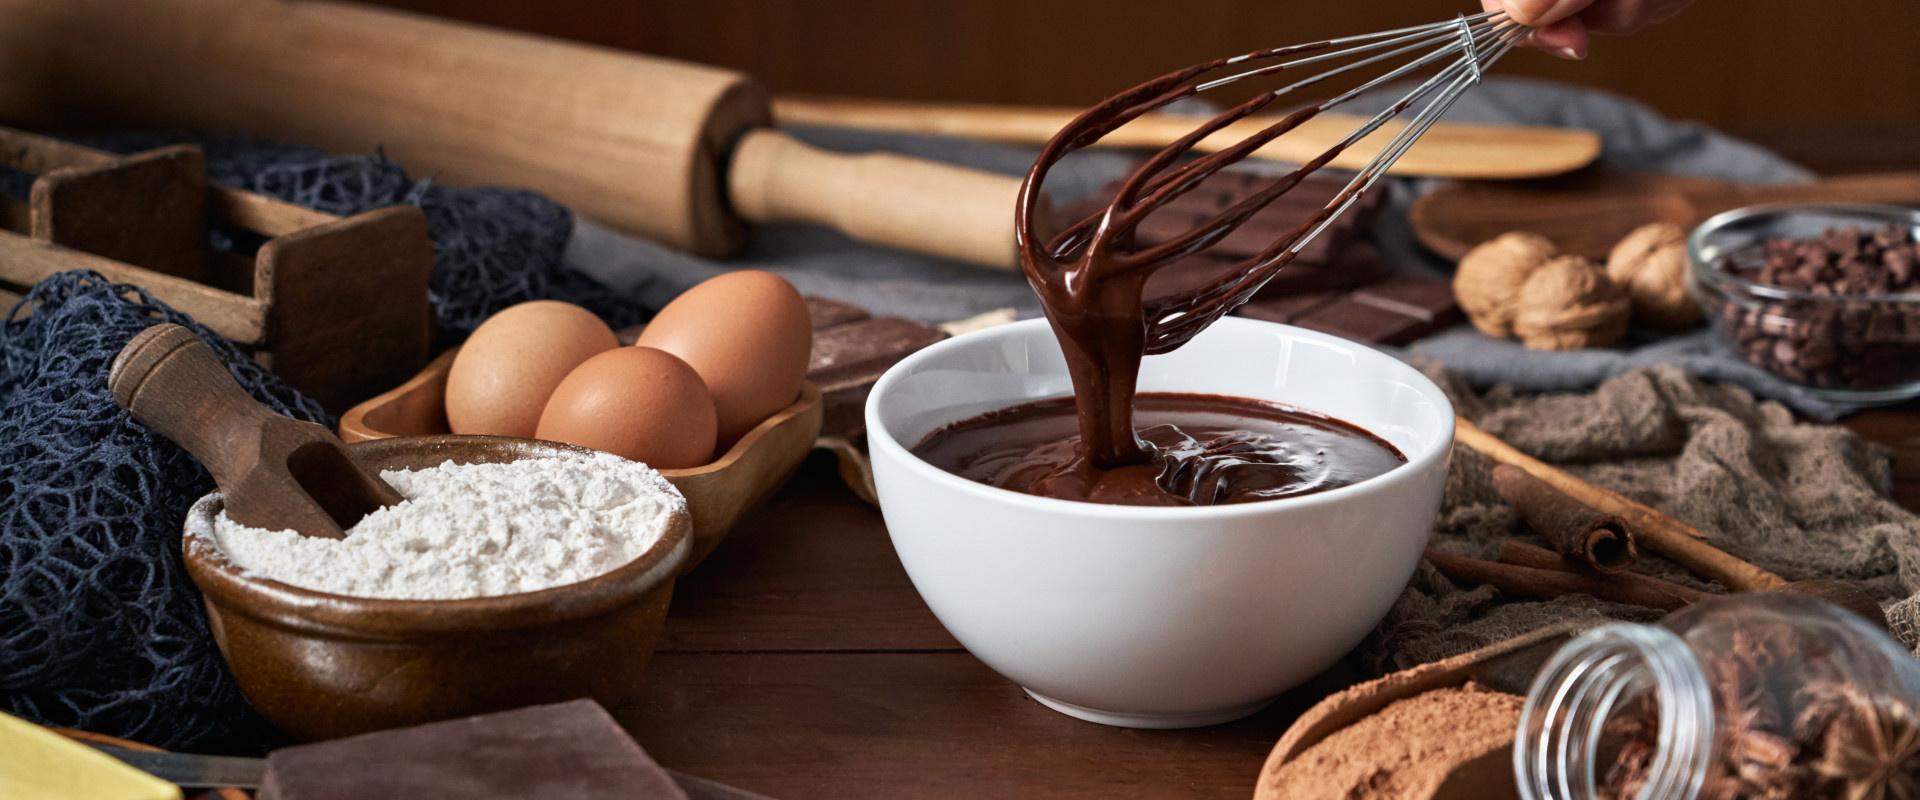 sütemény készítés cover